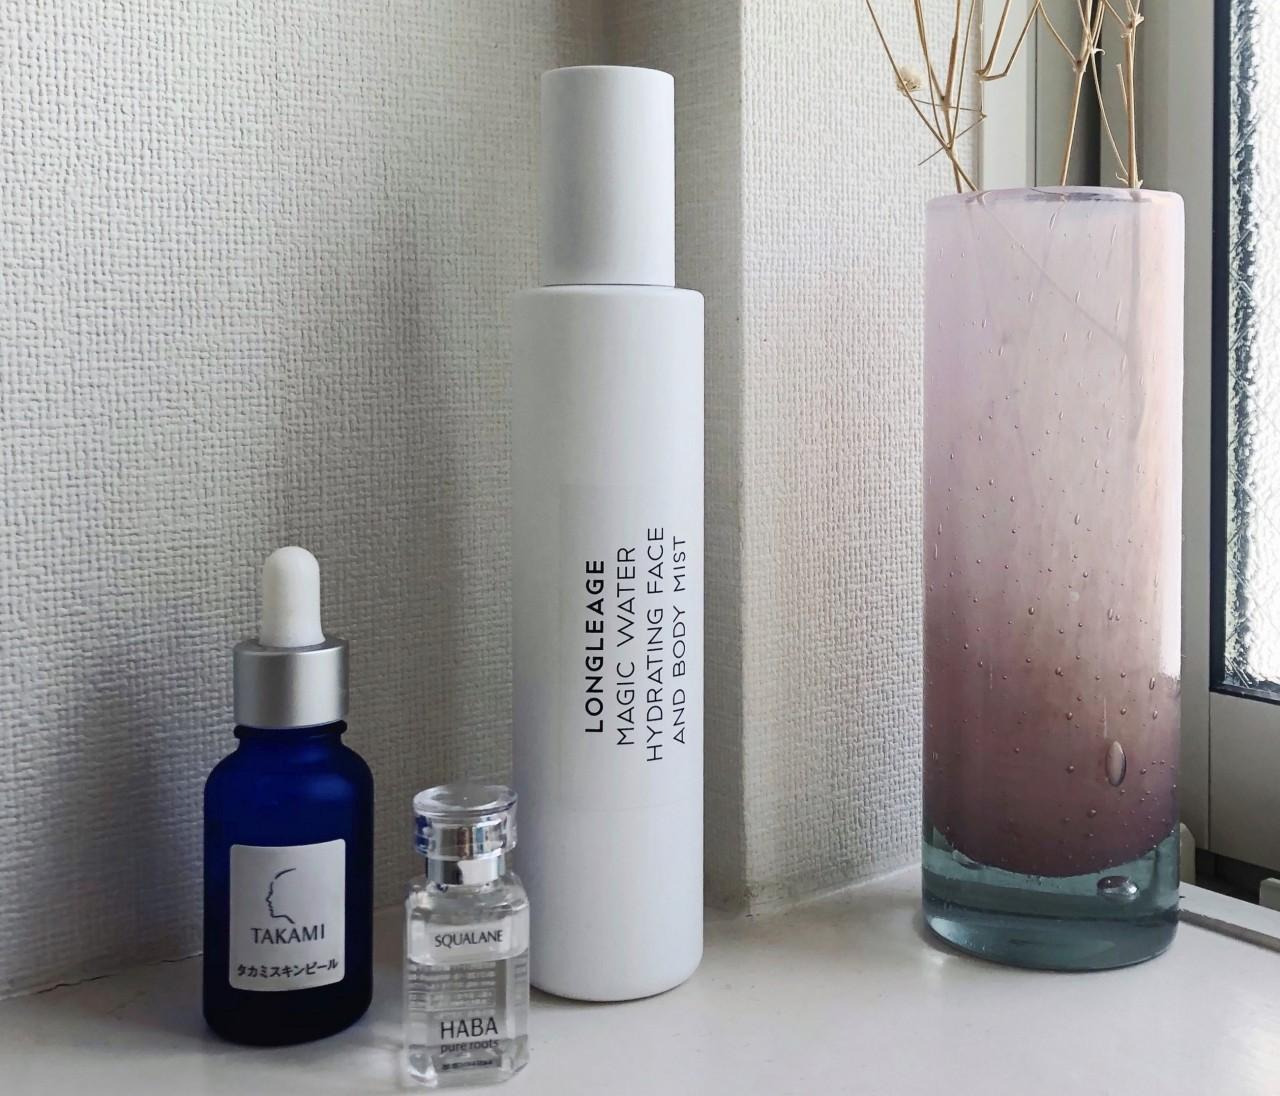 【毎日のスキンケア】敏感肌には〇〇〇化粧水がおすすめ!